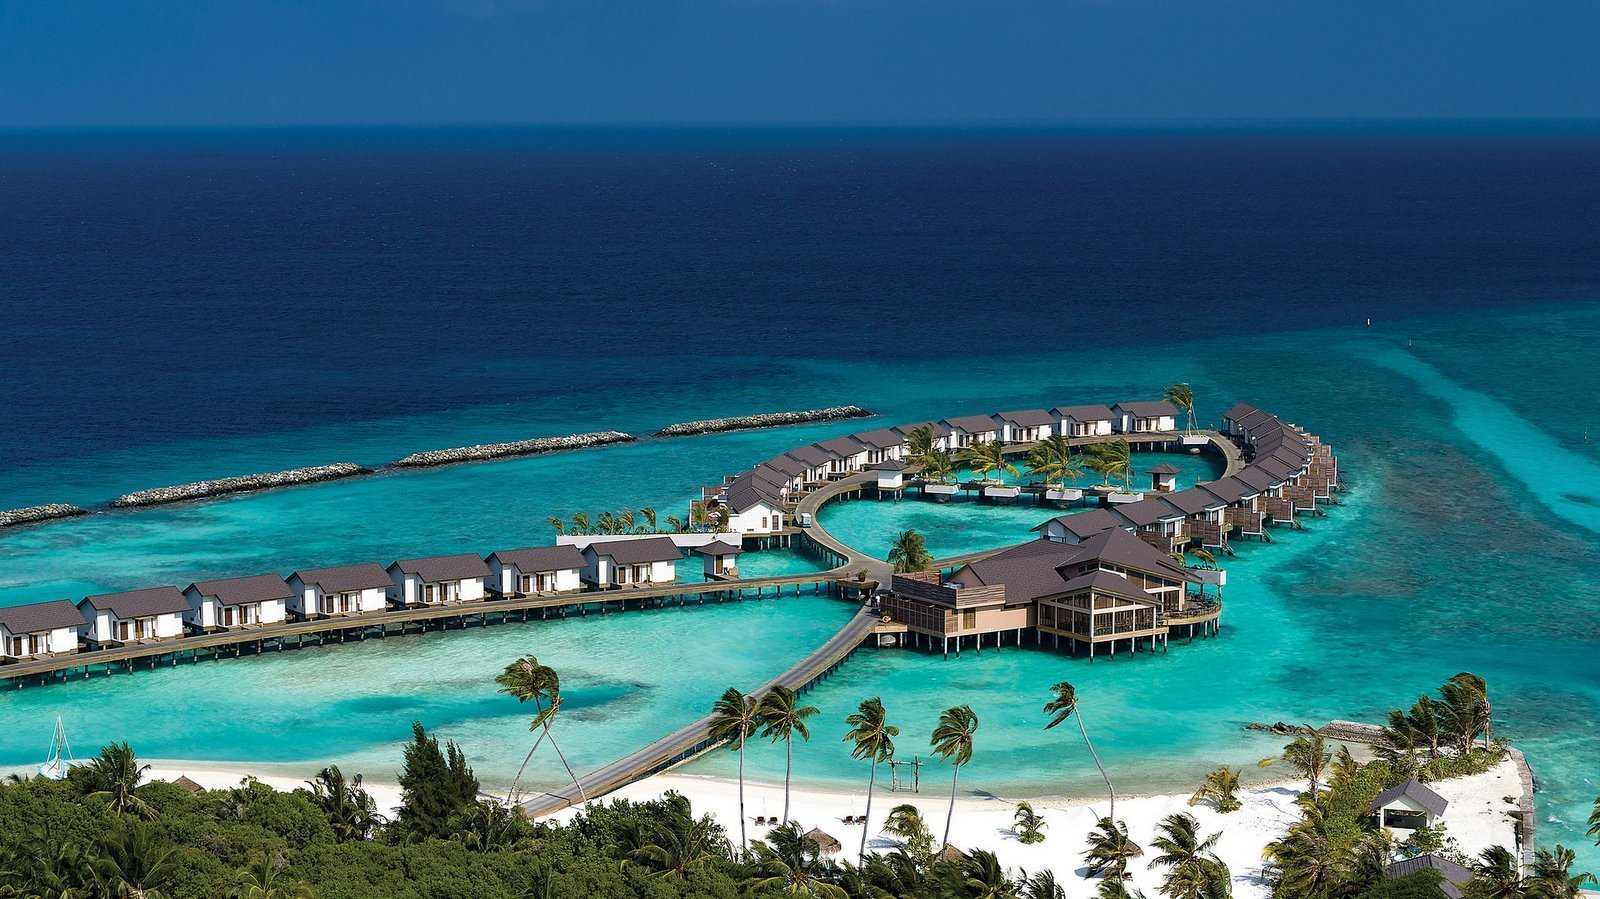 Мальдивы, отель Atmosphere Kanifushi Maldives